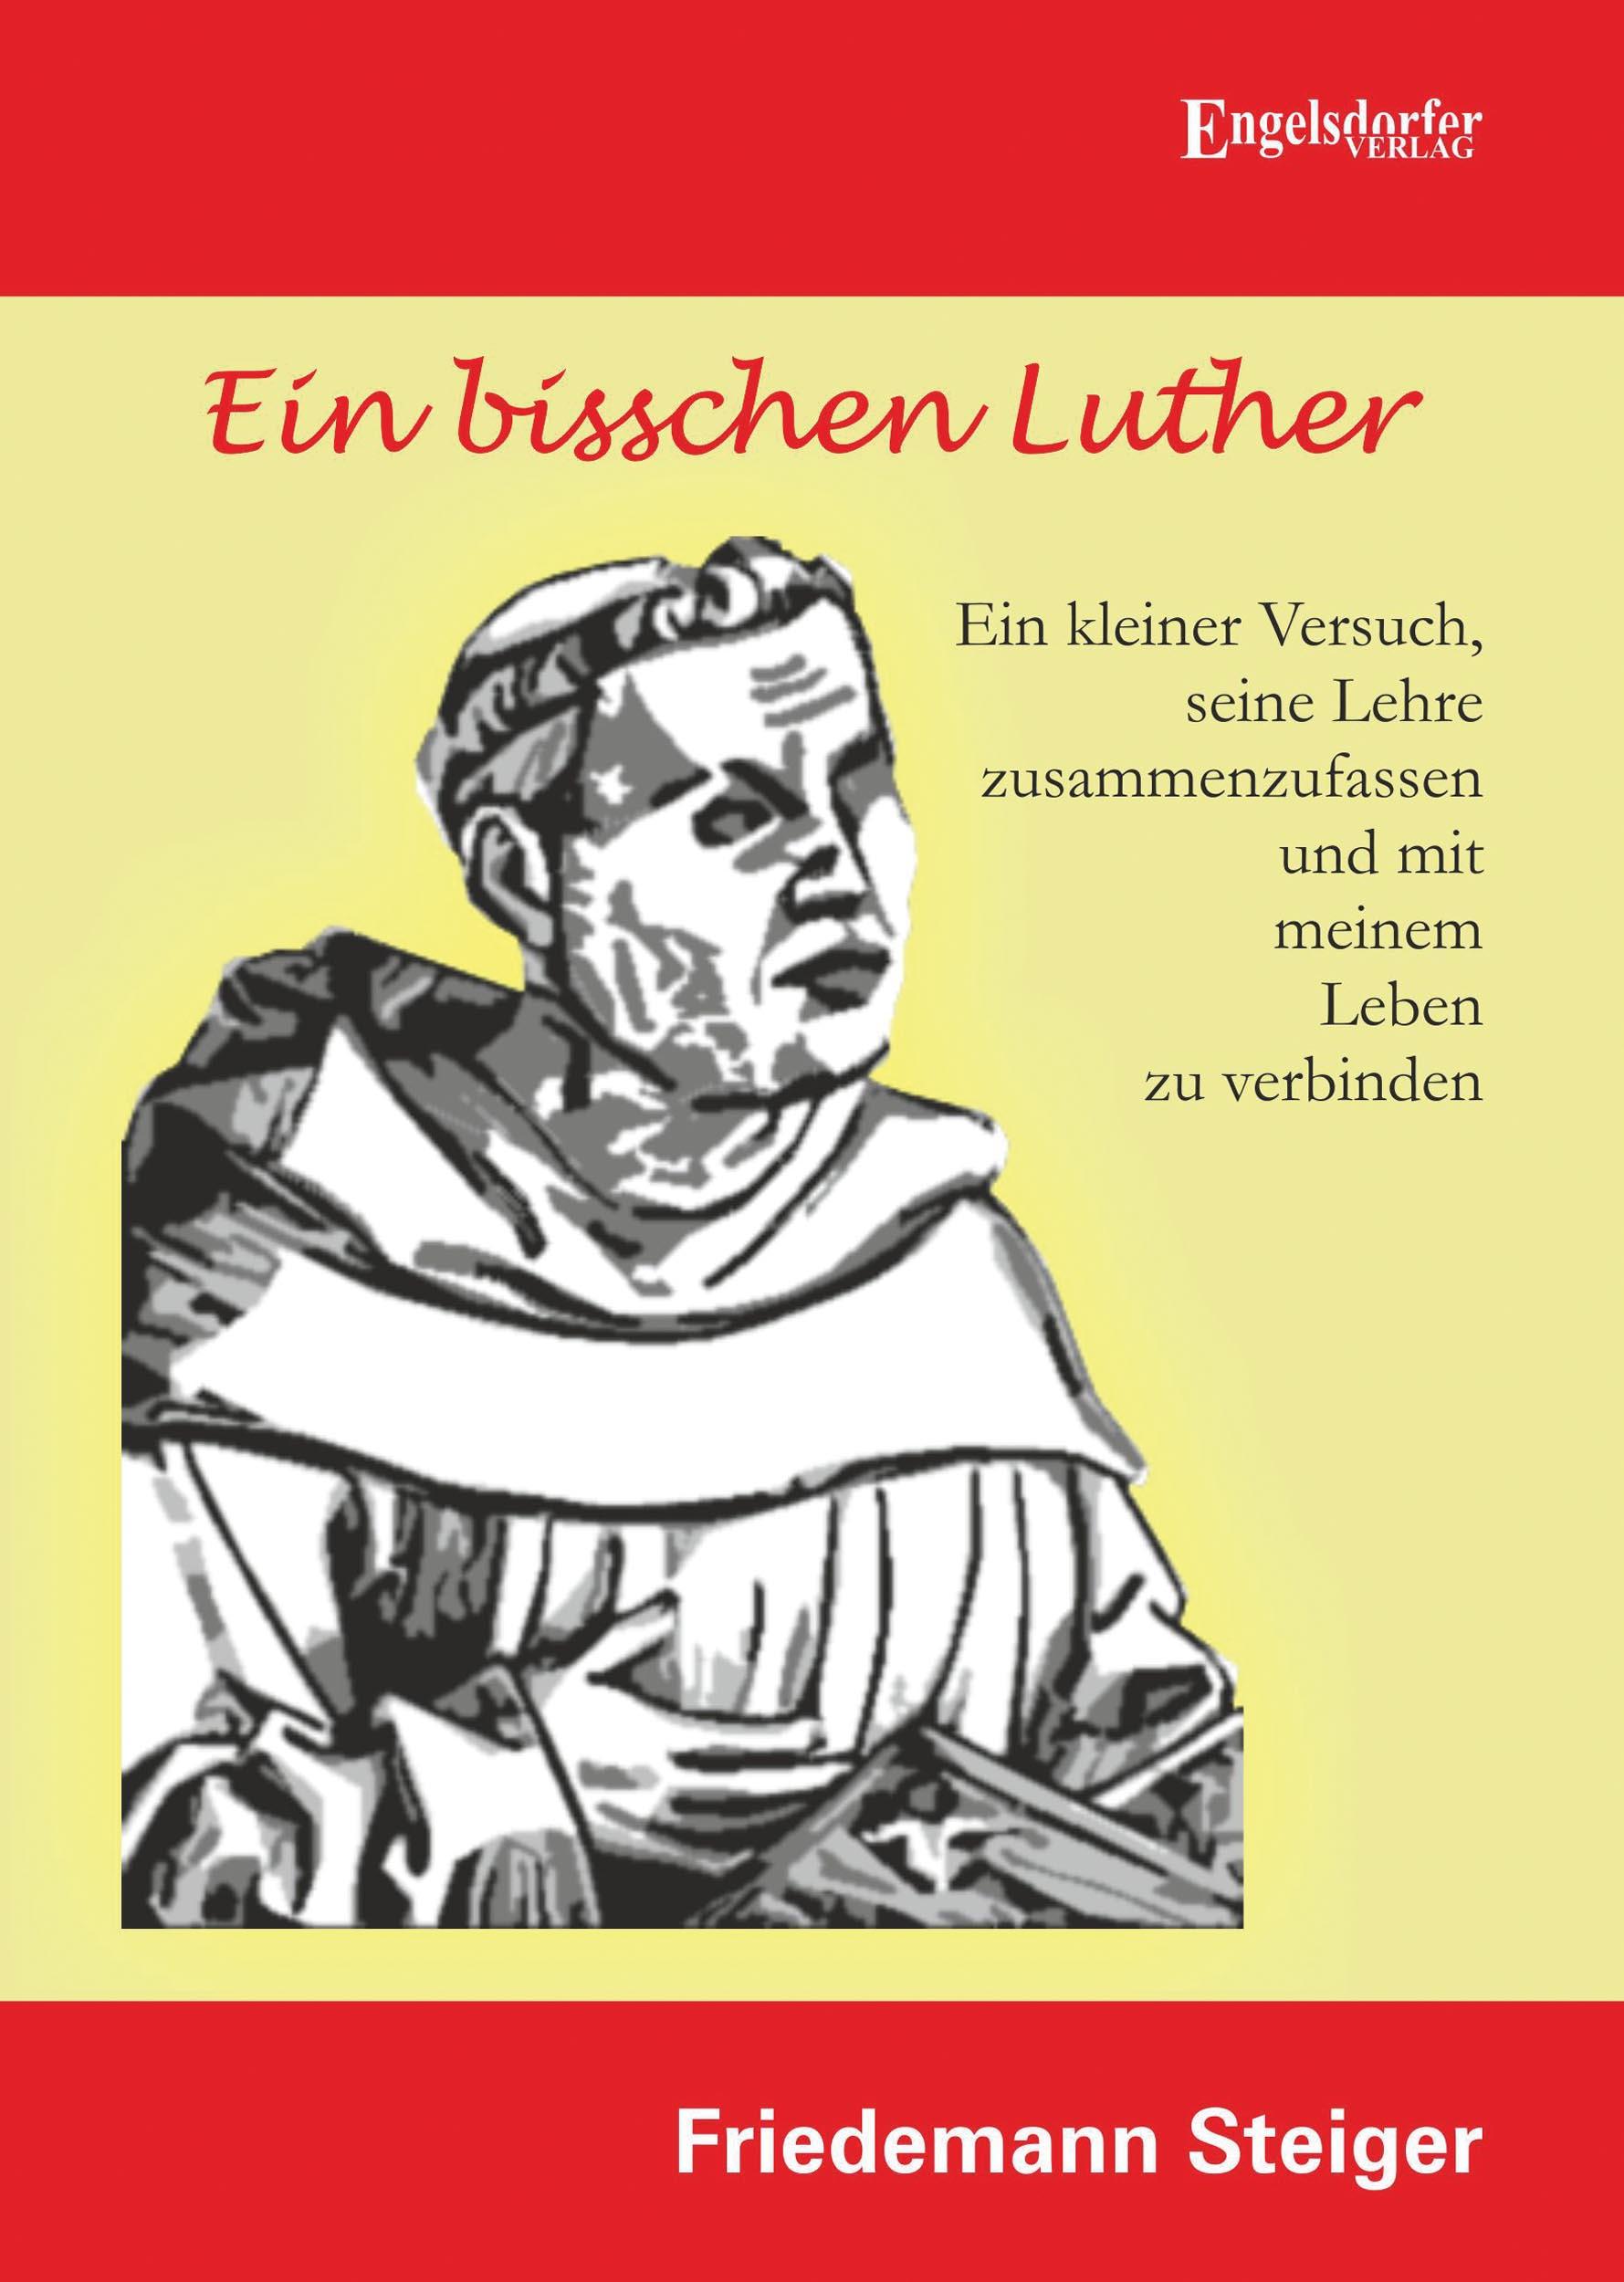 Ein bisschen Luther Friedemann Steiger